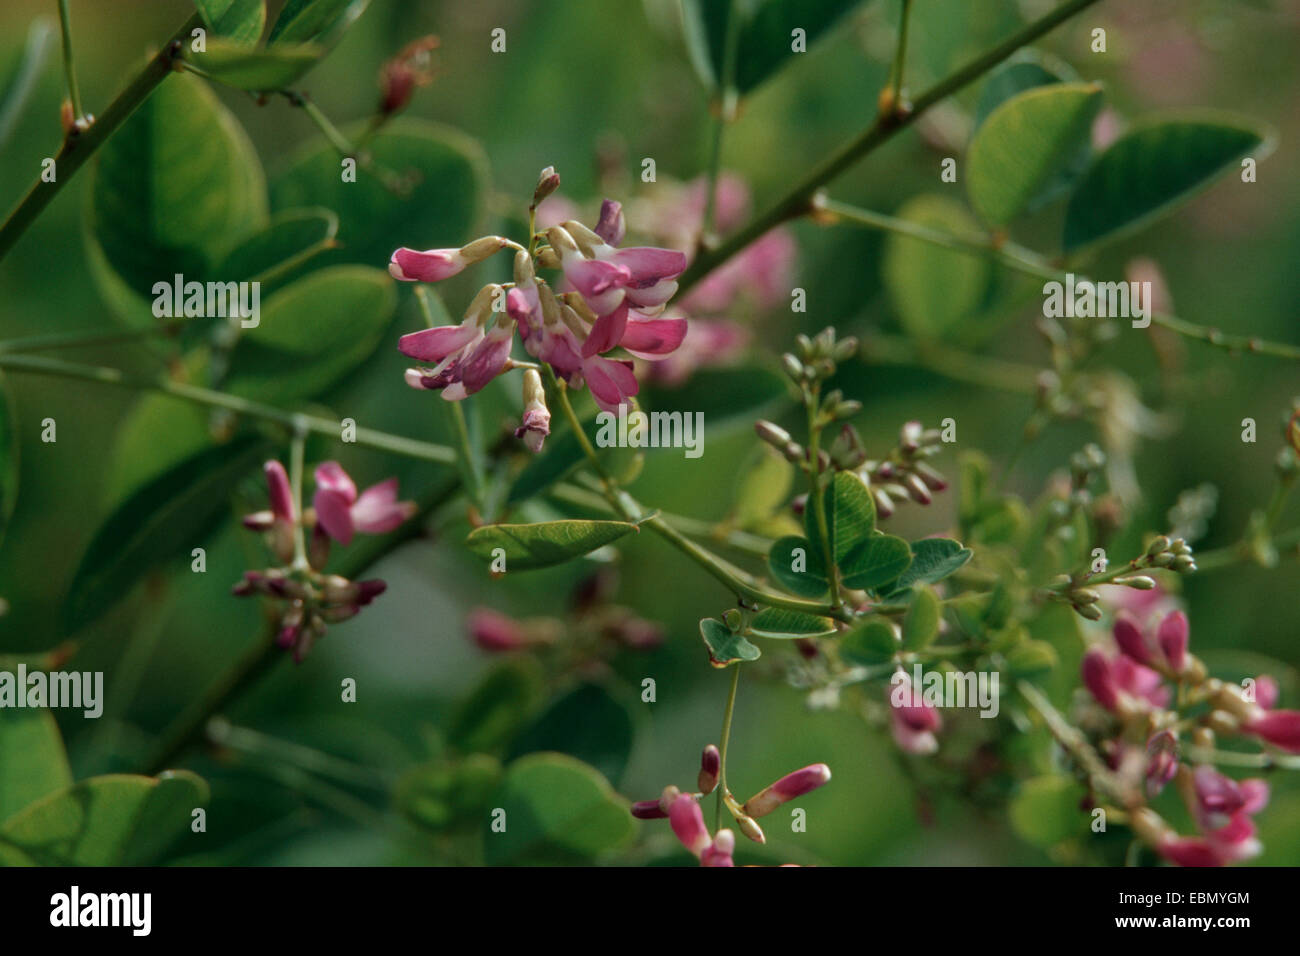 Lespedeza bicolor Bush Clover Bicolor Lespedeza Shrubby Bushclover 50 seeds